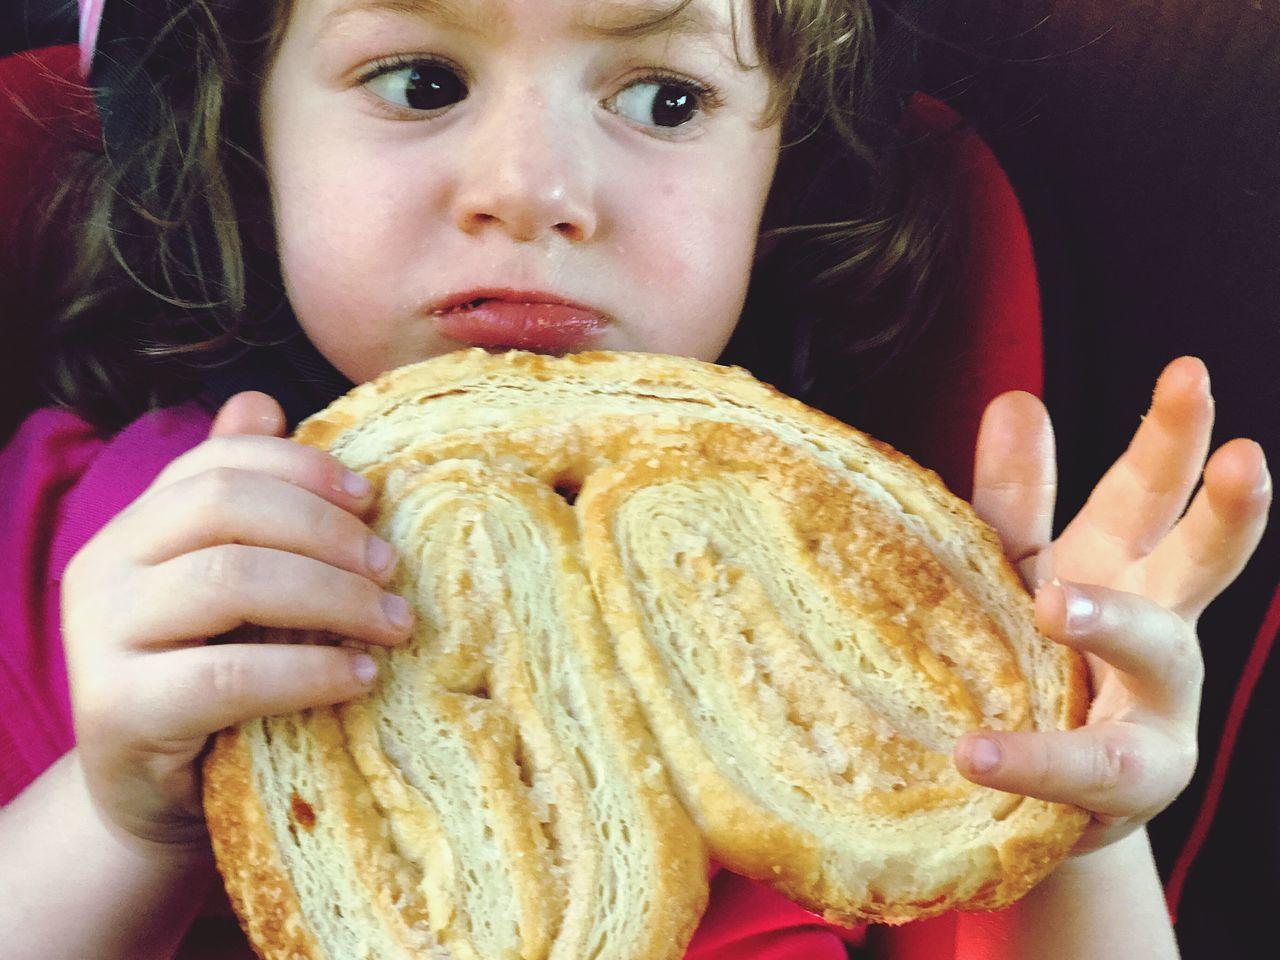 Toddler  Girl Eating Sweet Food